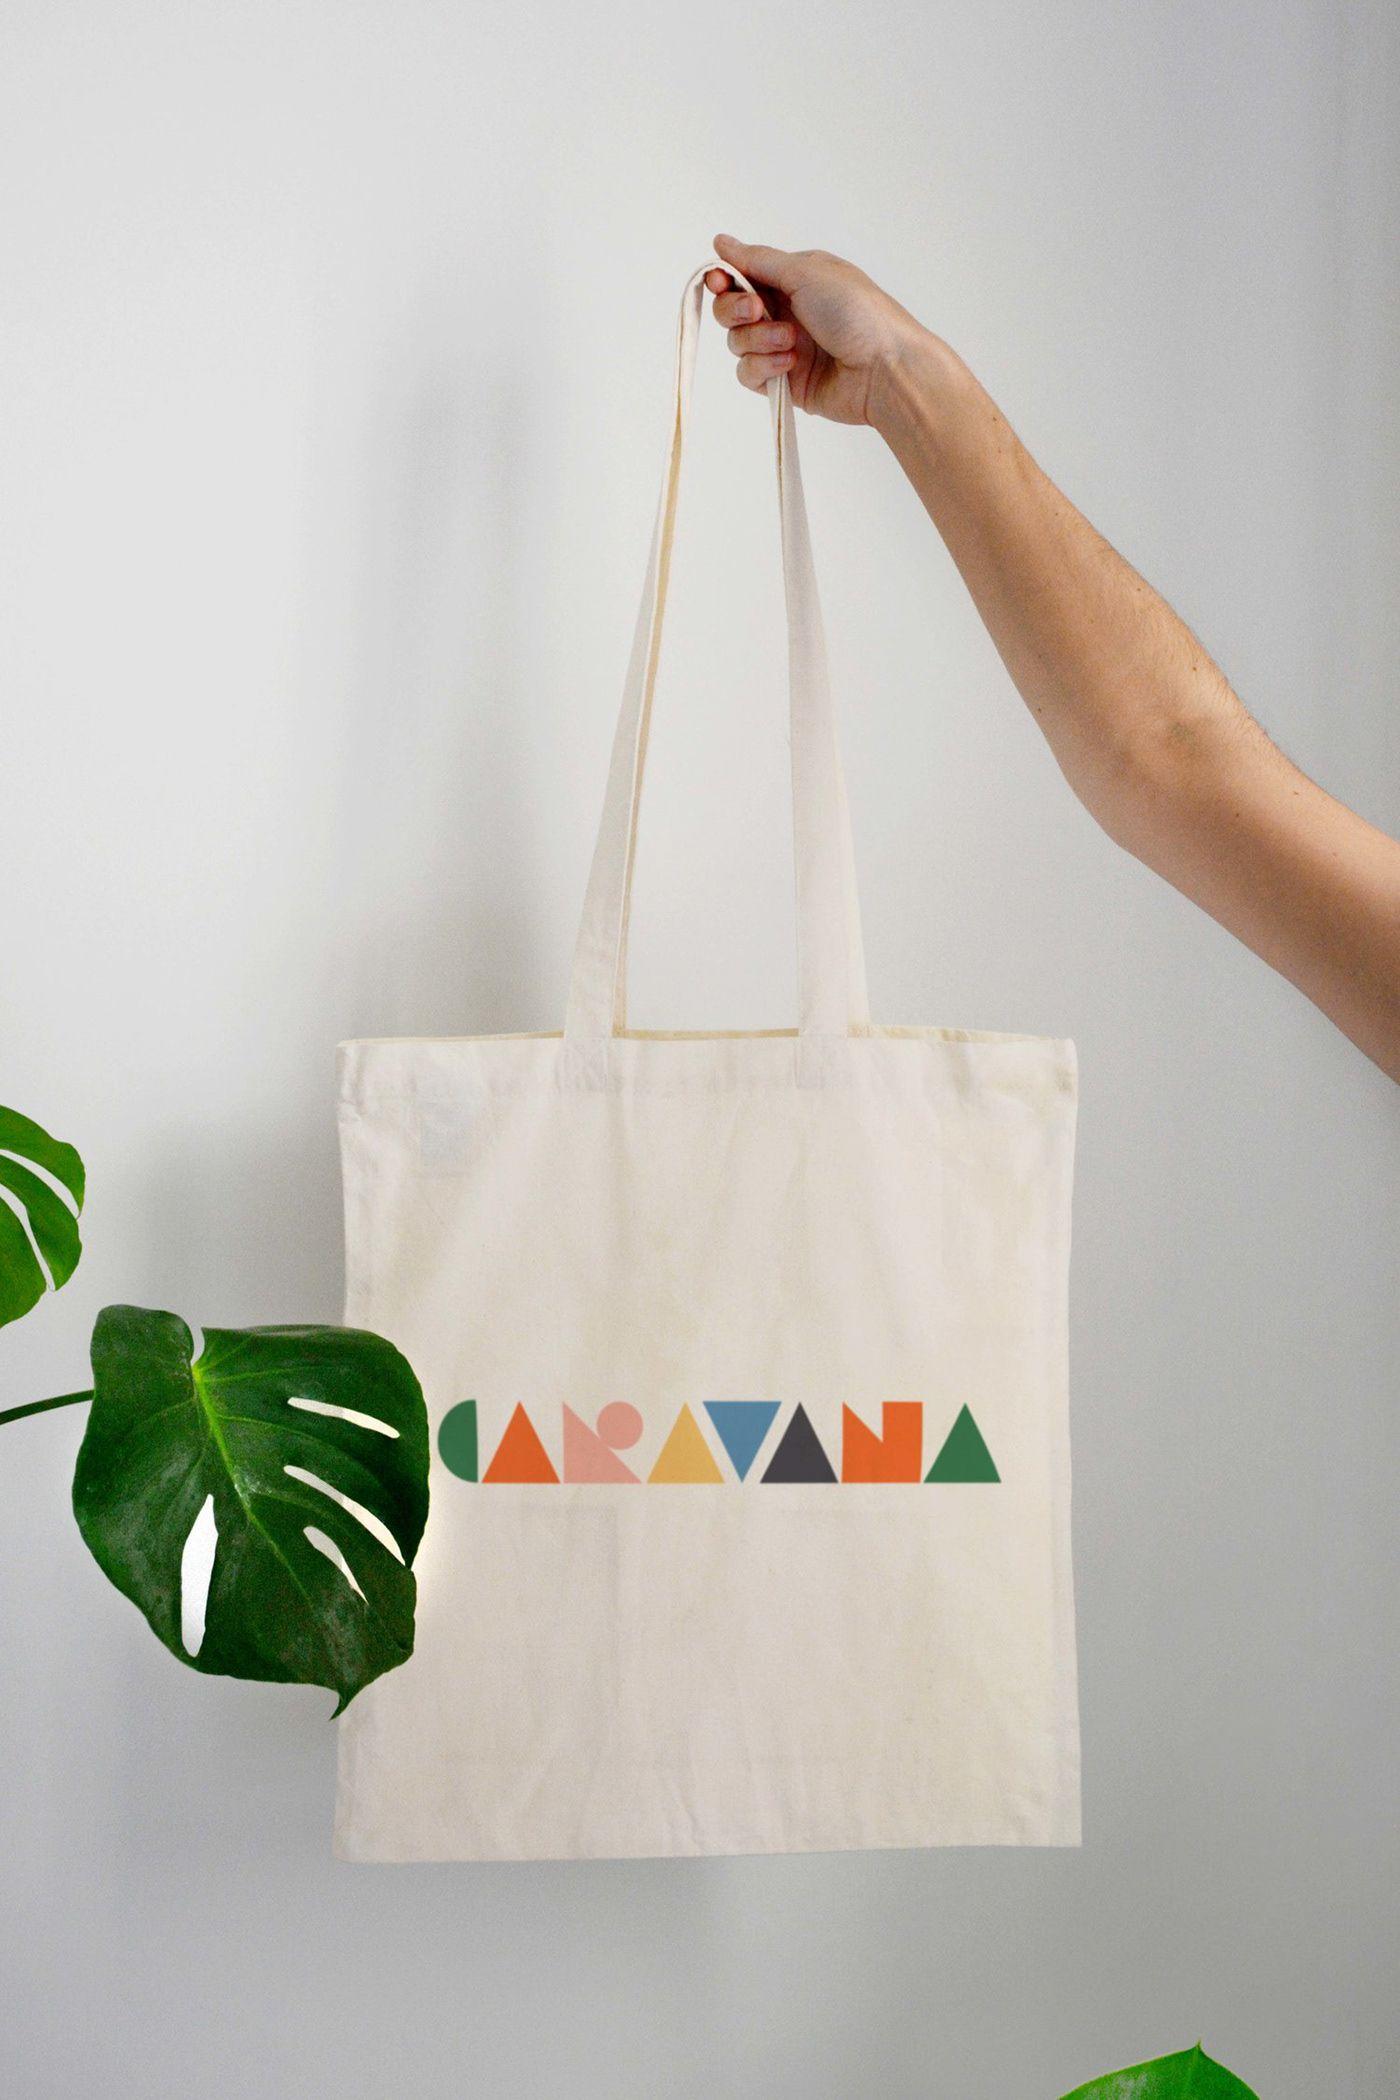 Download Caravana Bed Breakfast On Behance Canvas Bag Design Diy Bag Designs Tote Bag Design